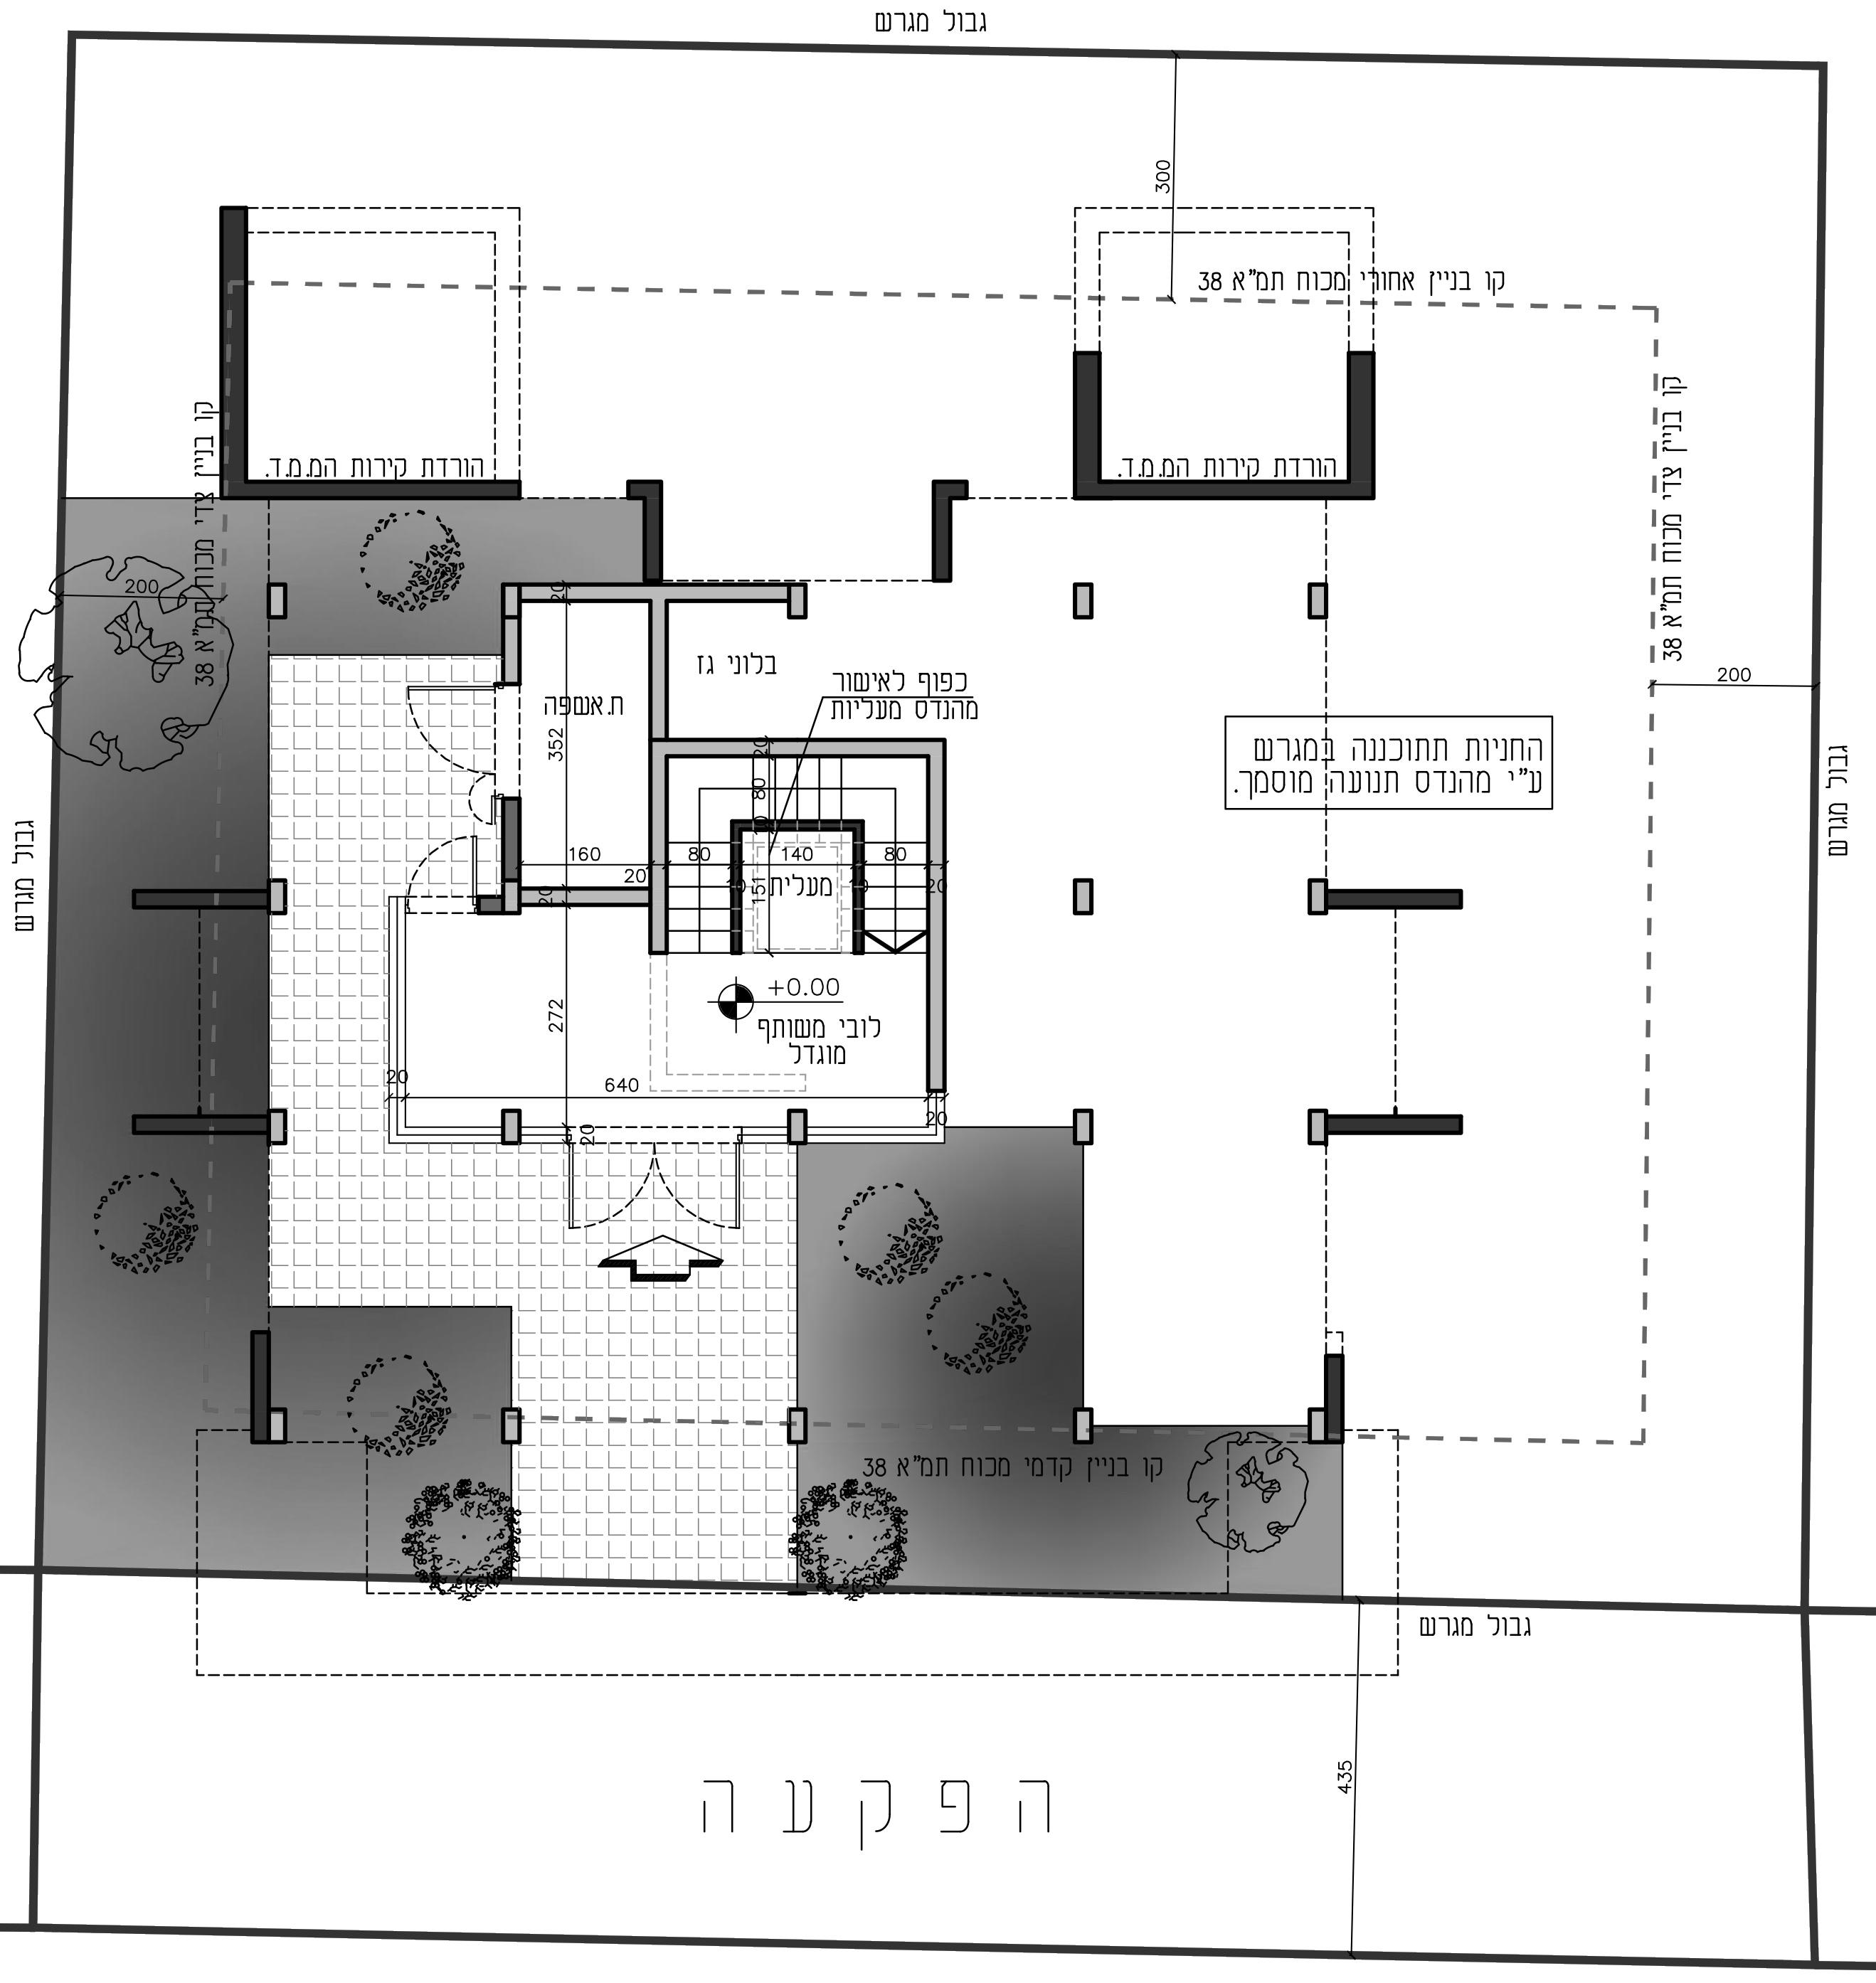 רמת גן - רוטנברג 39 - קומת קרקע